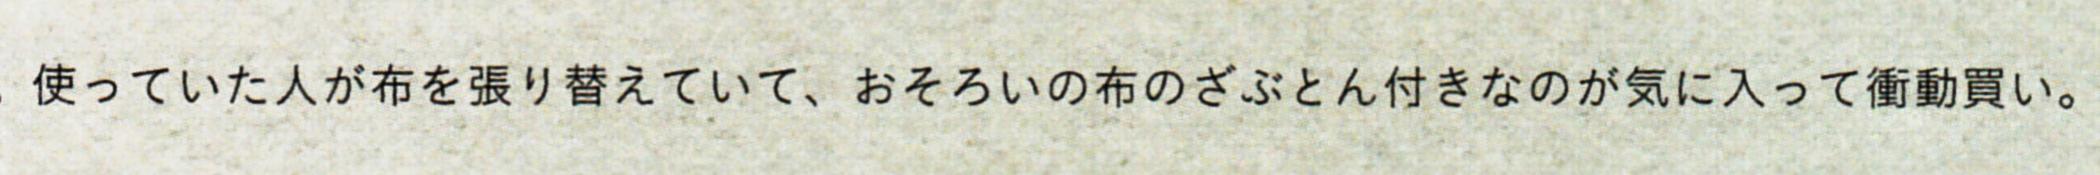 9_クウネル_2004年5月号_キャプション.jpg